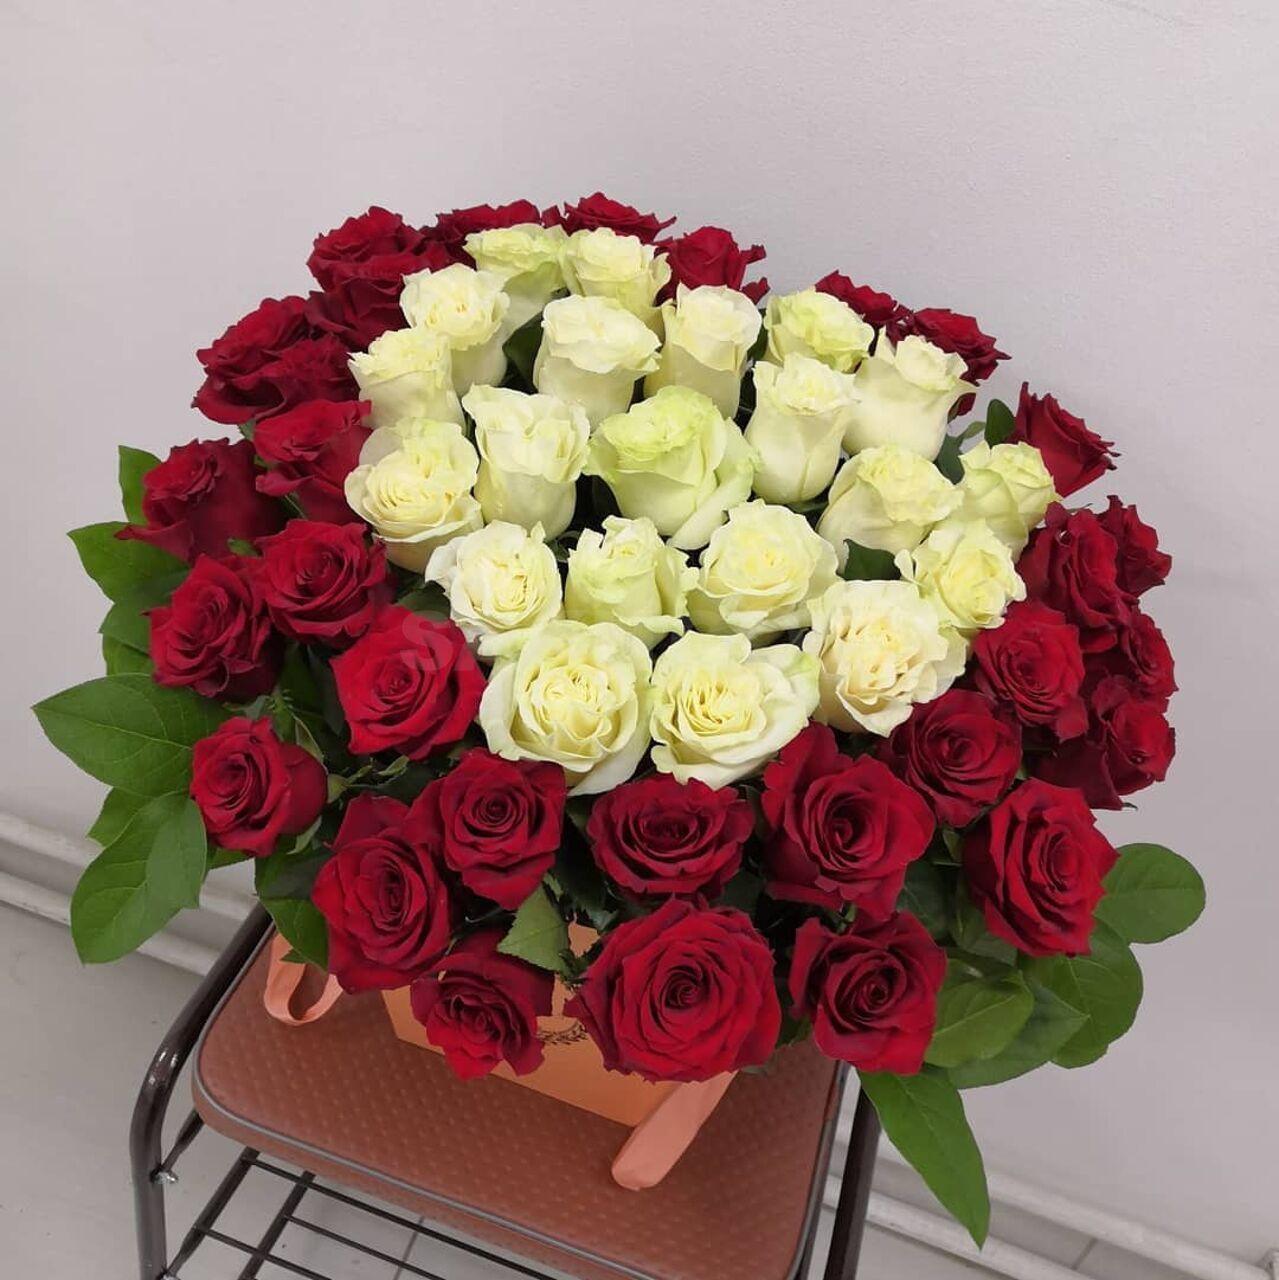 Шикарные букеты и композиции на заказ. Свадьбы, юбилеи, торжества. Цветы,  украшения, праздничное оформление. Цветы, украшения, праздничное оформление  в Южно-Сахалинске. Объявления Сахалина